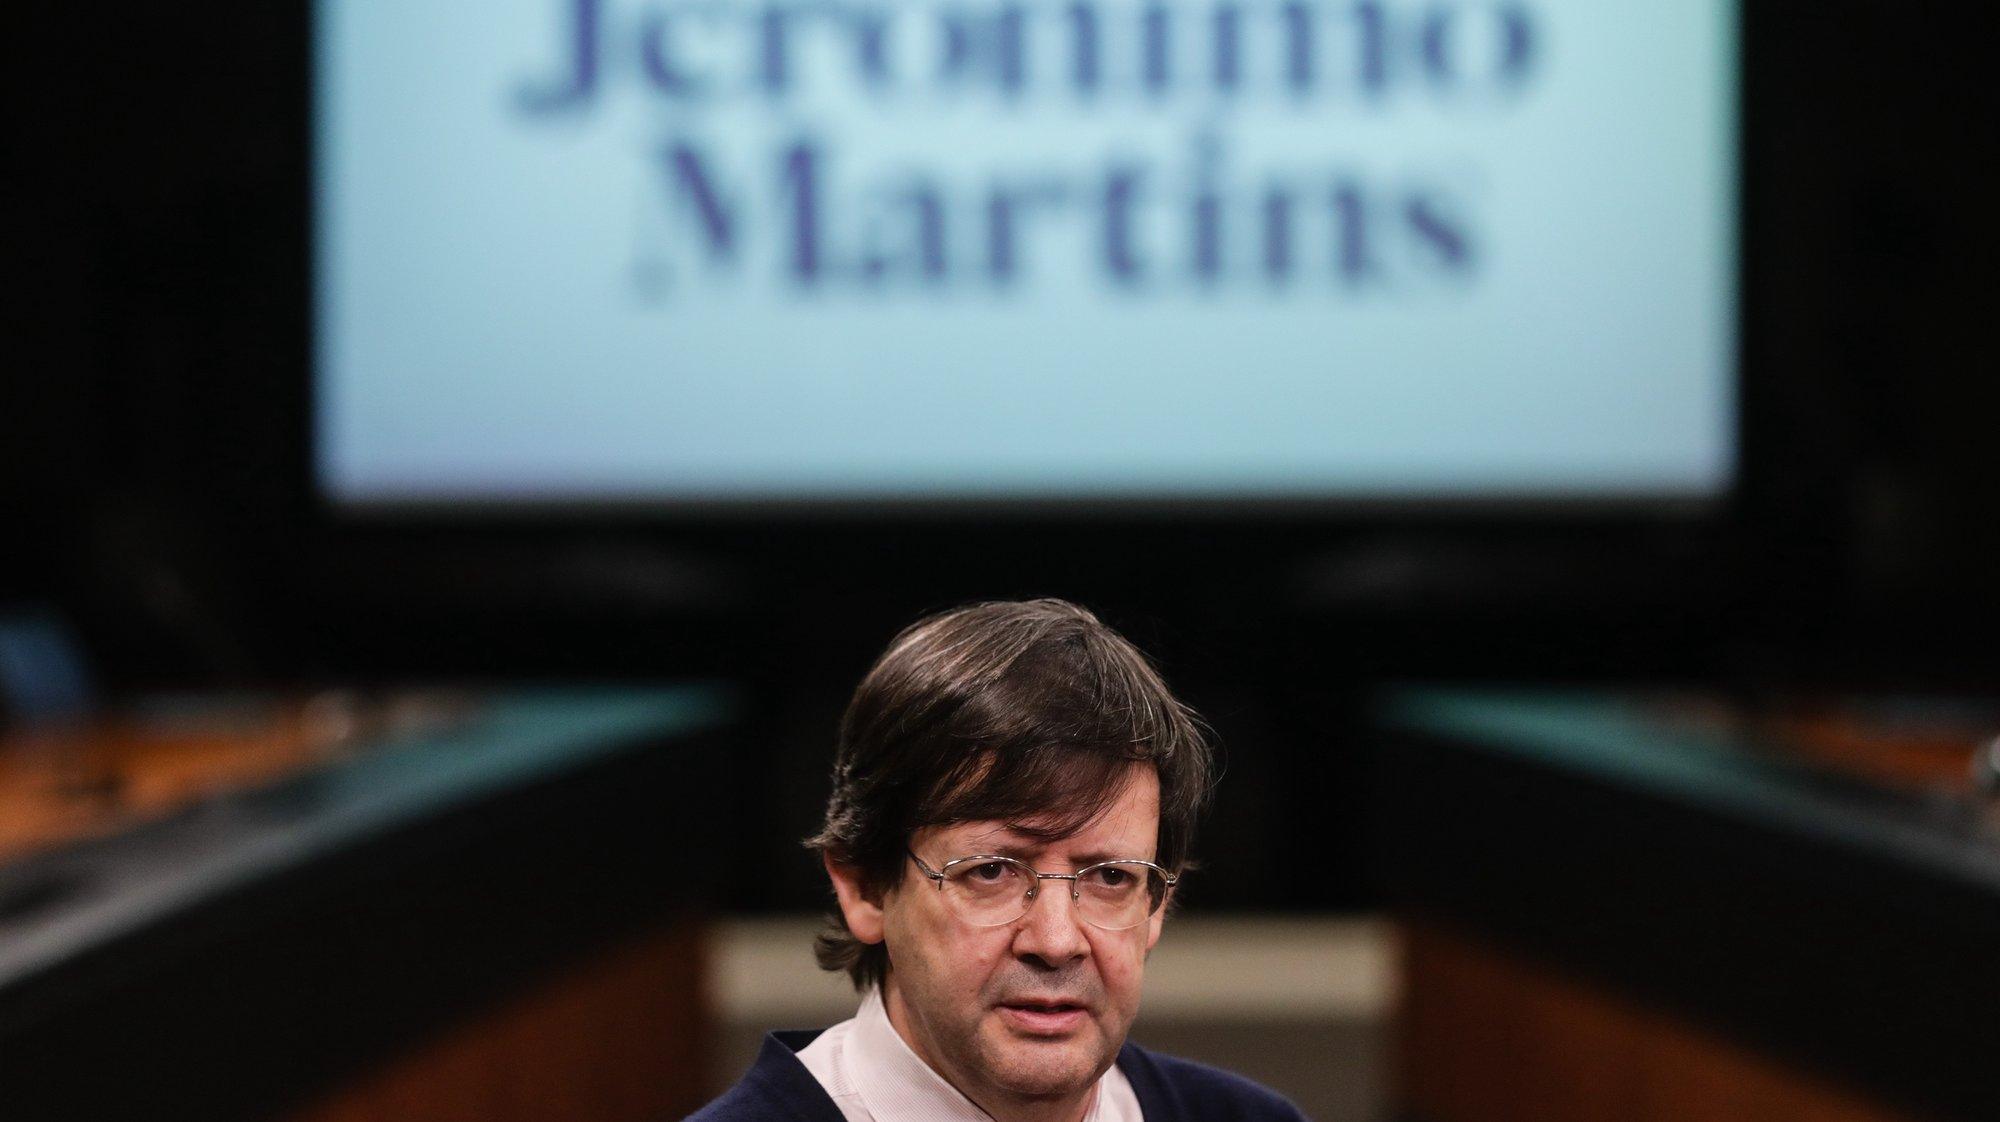 O presidente do conselho de administração da Jerónimo Martins, Pedro Soares dos Santos, fala em entrevista à Agência Lusa na sede da empresa em Lisboa, 03 de março de 2021. (ACOMPANHA TEXTO DA LUSA DE 04 DE MARÇO DE 2021) TIAGO PETINGA/LUSA